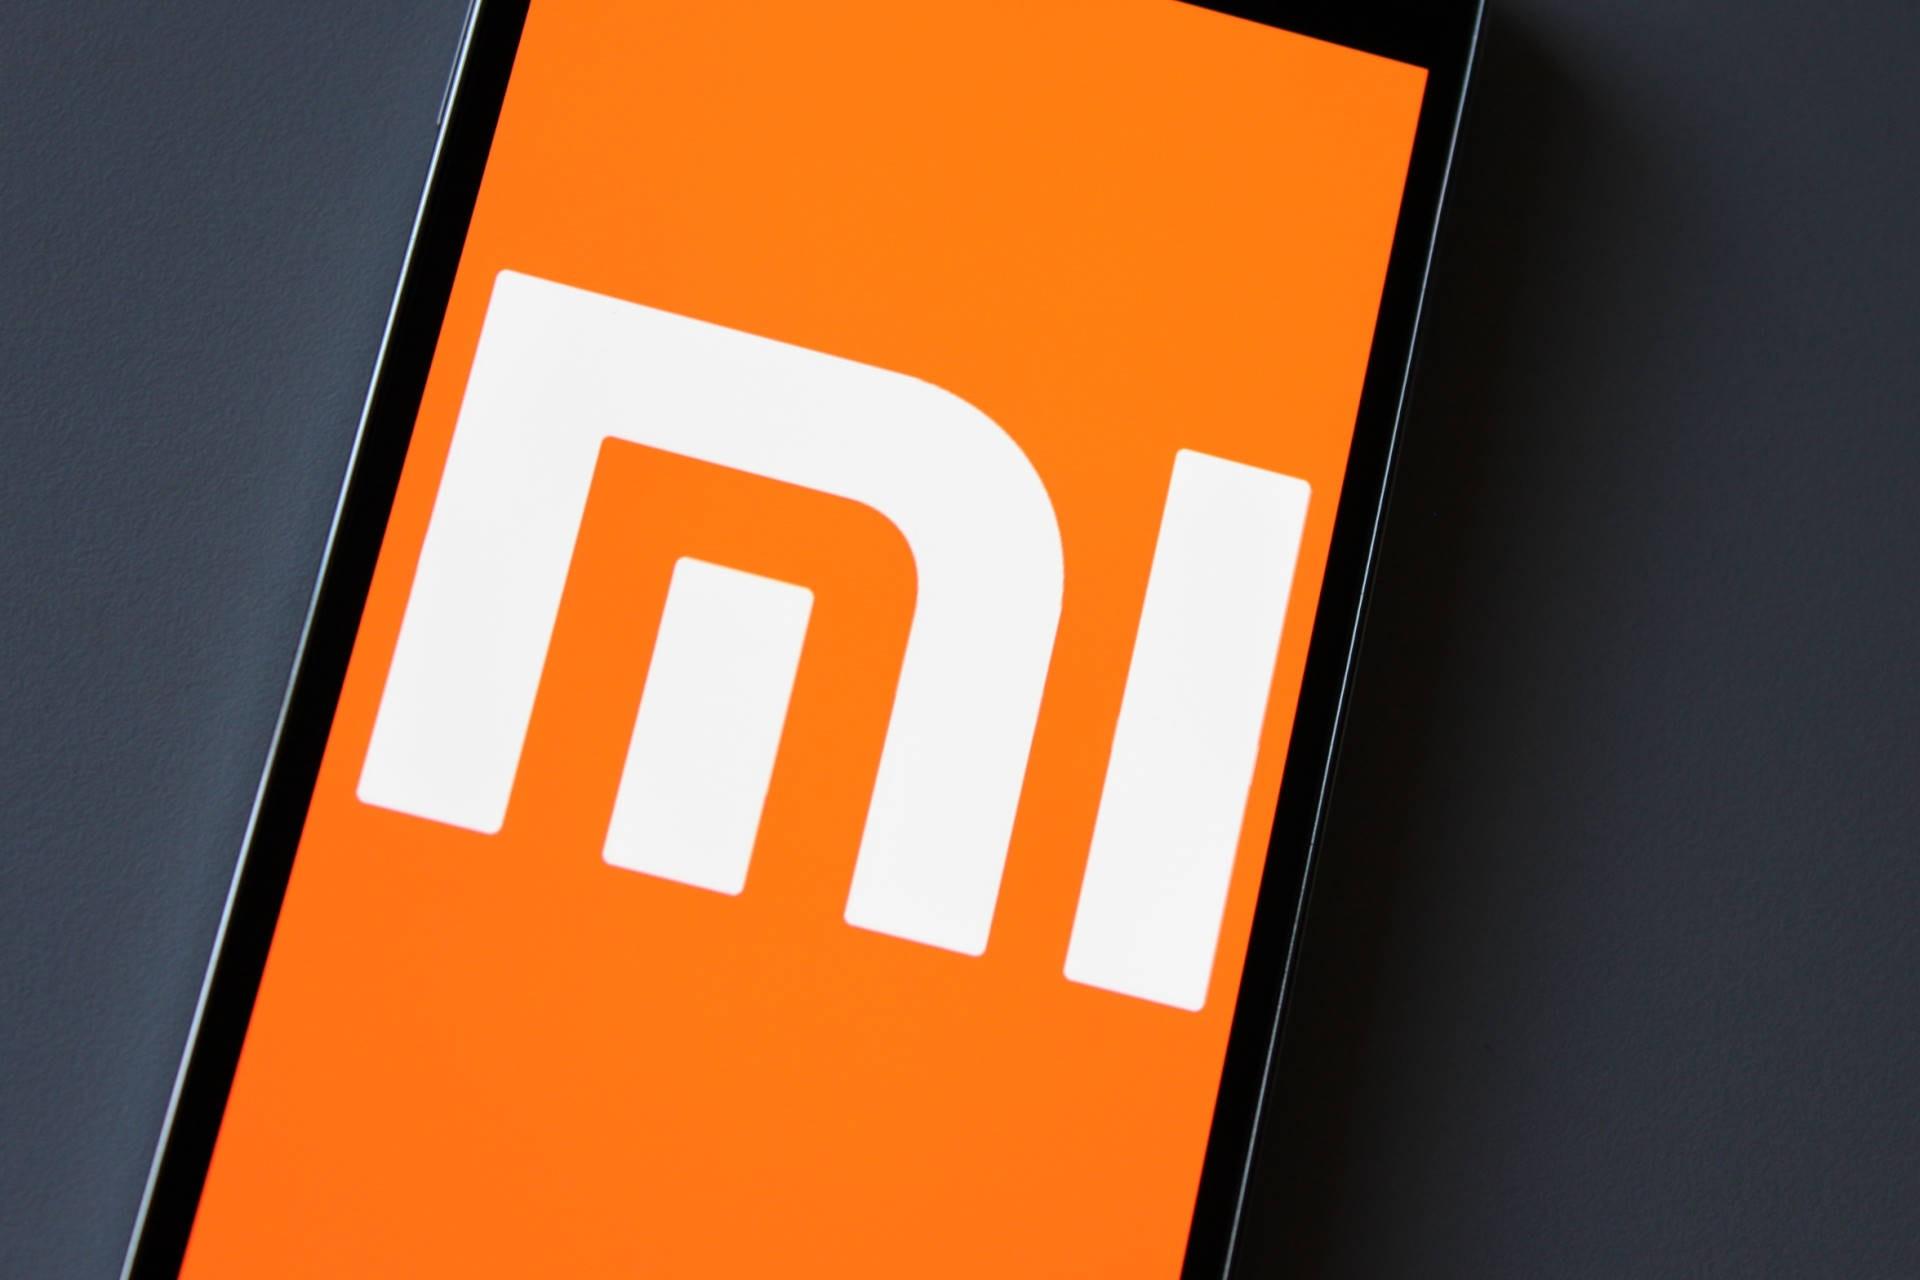 Стало известно начало продаж обновленной модели Xiaomi Redmi Note 4